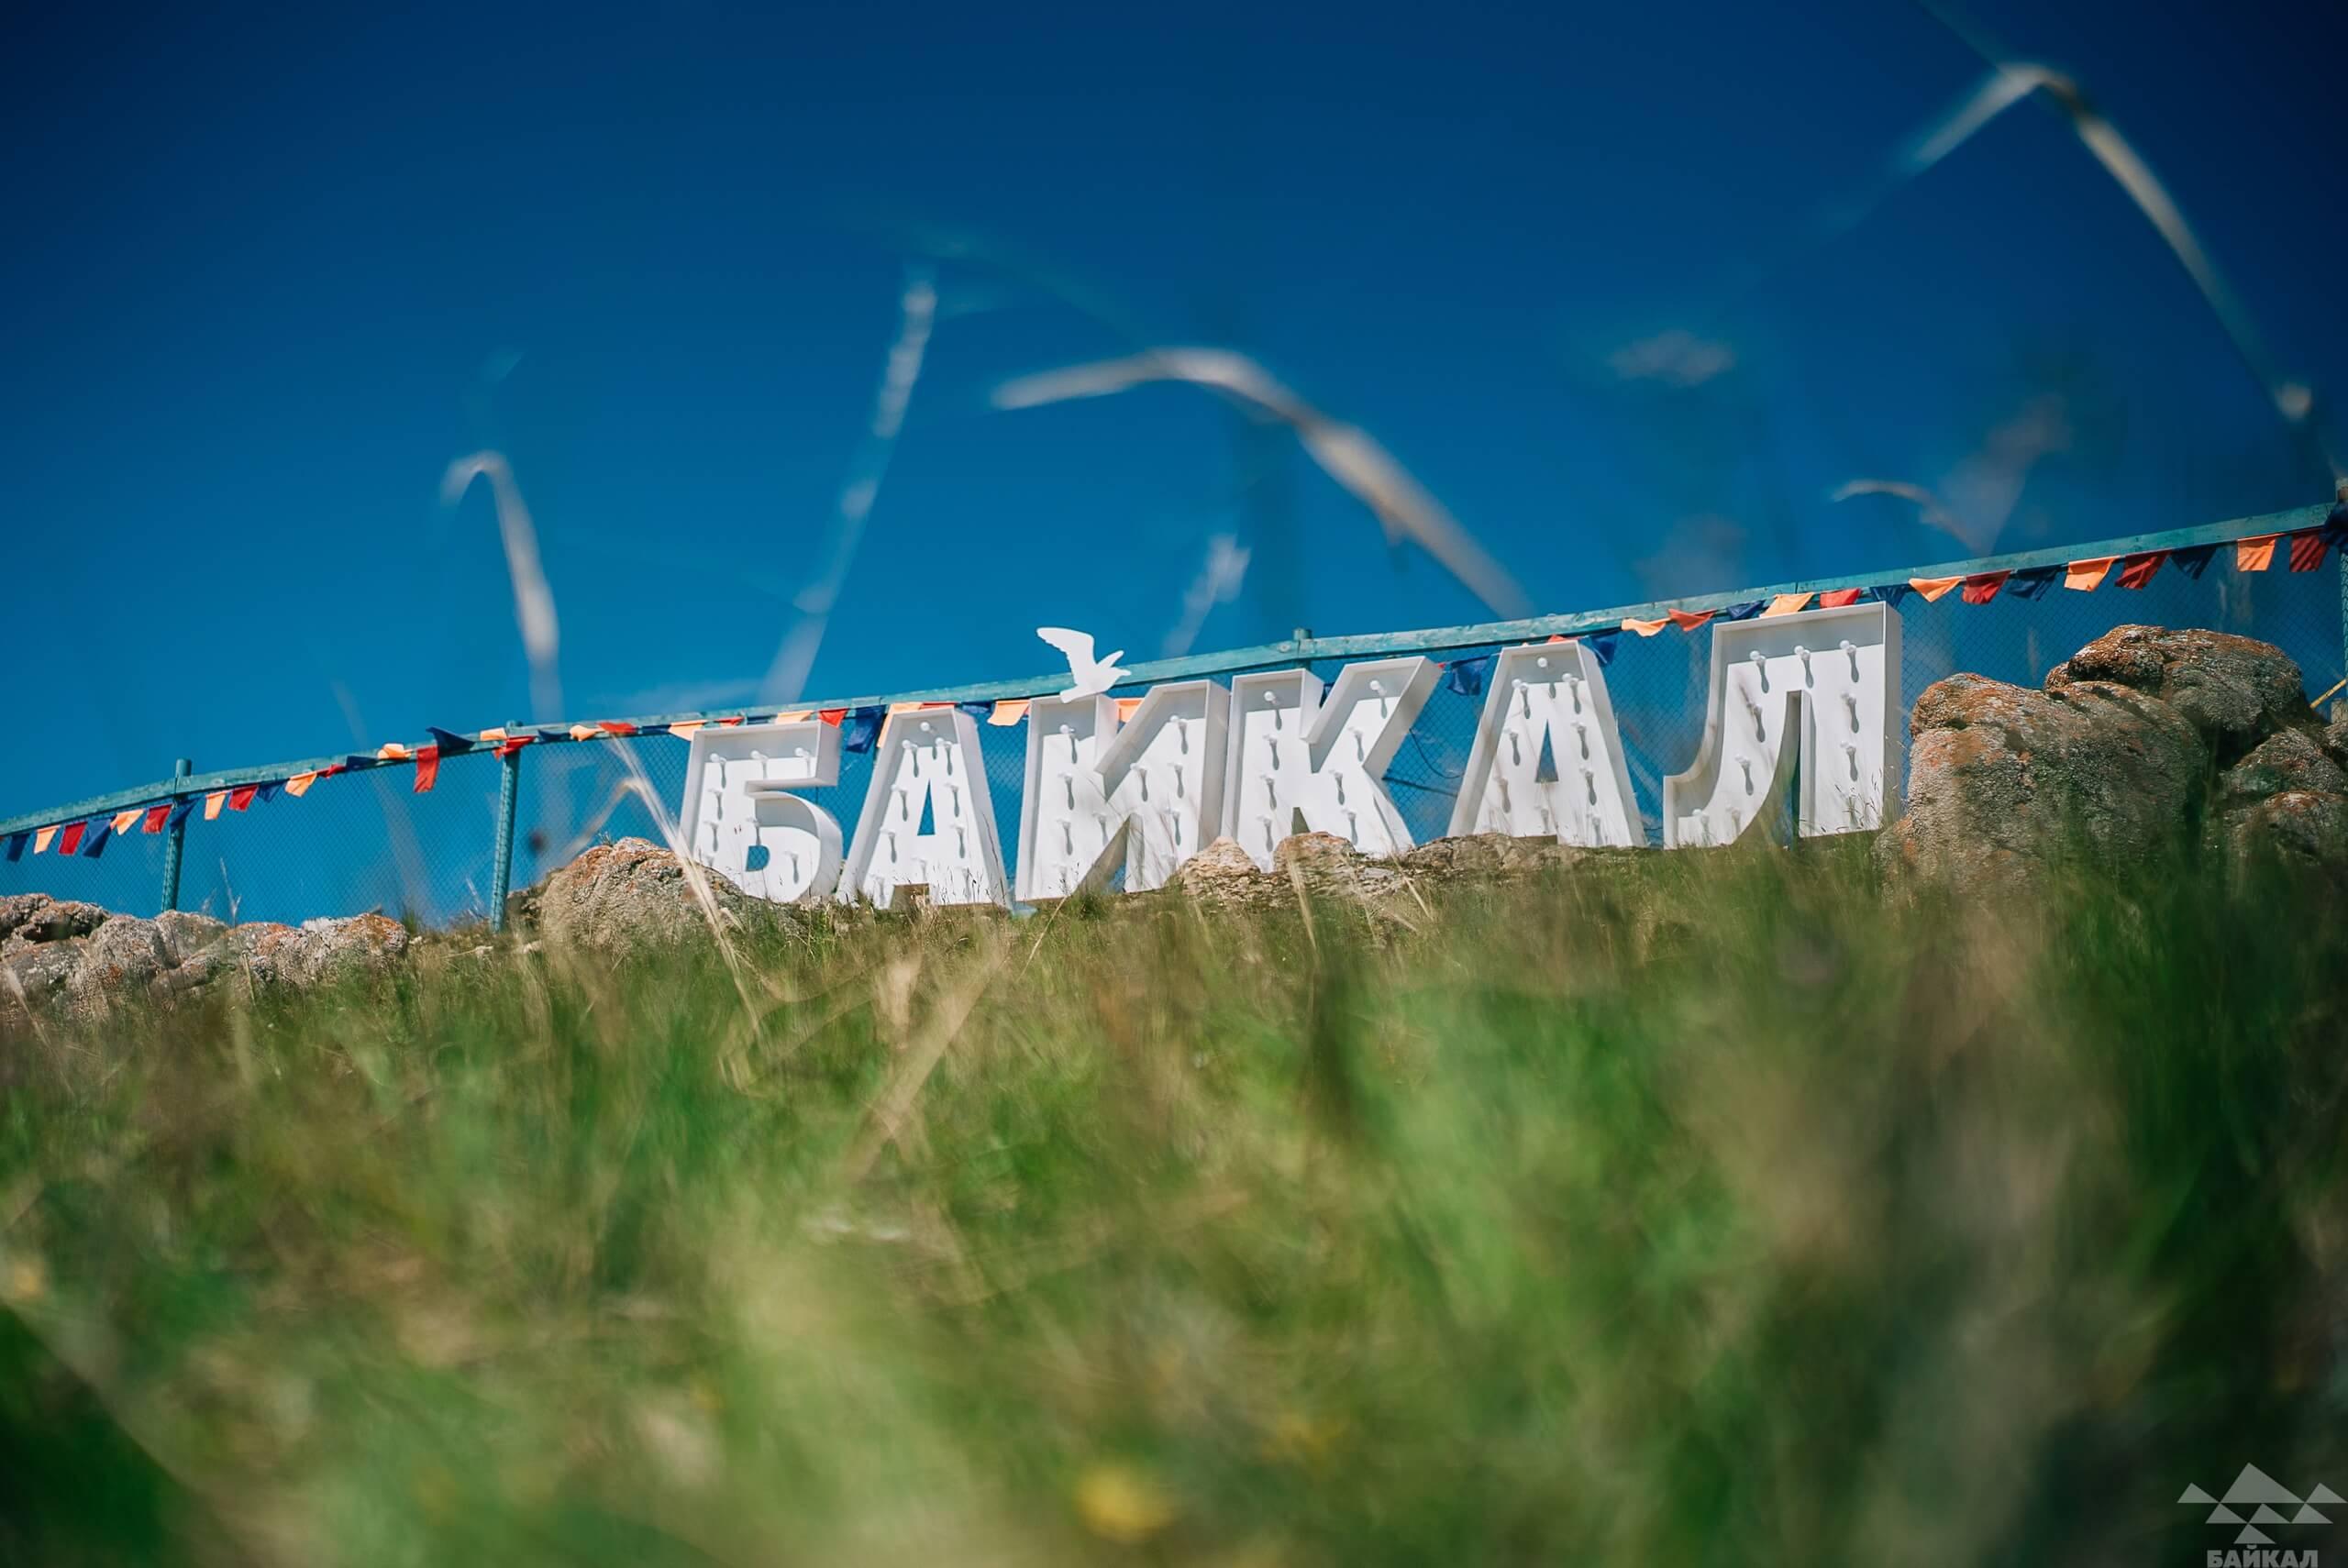 Молодежный форум «Байкал» в 2020 году пройдет онлайн